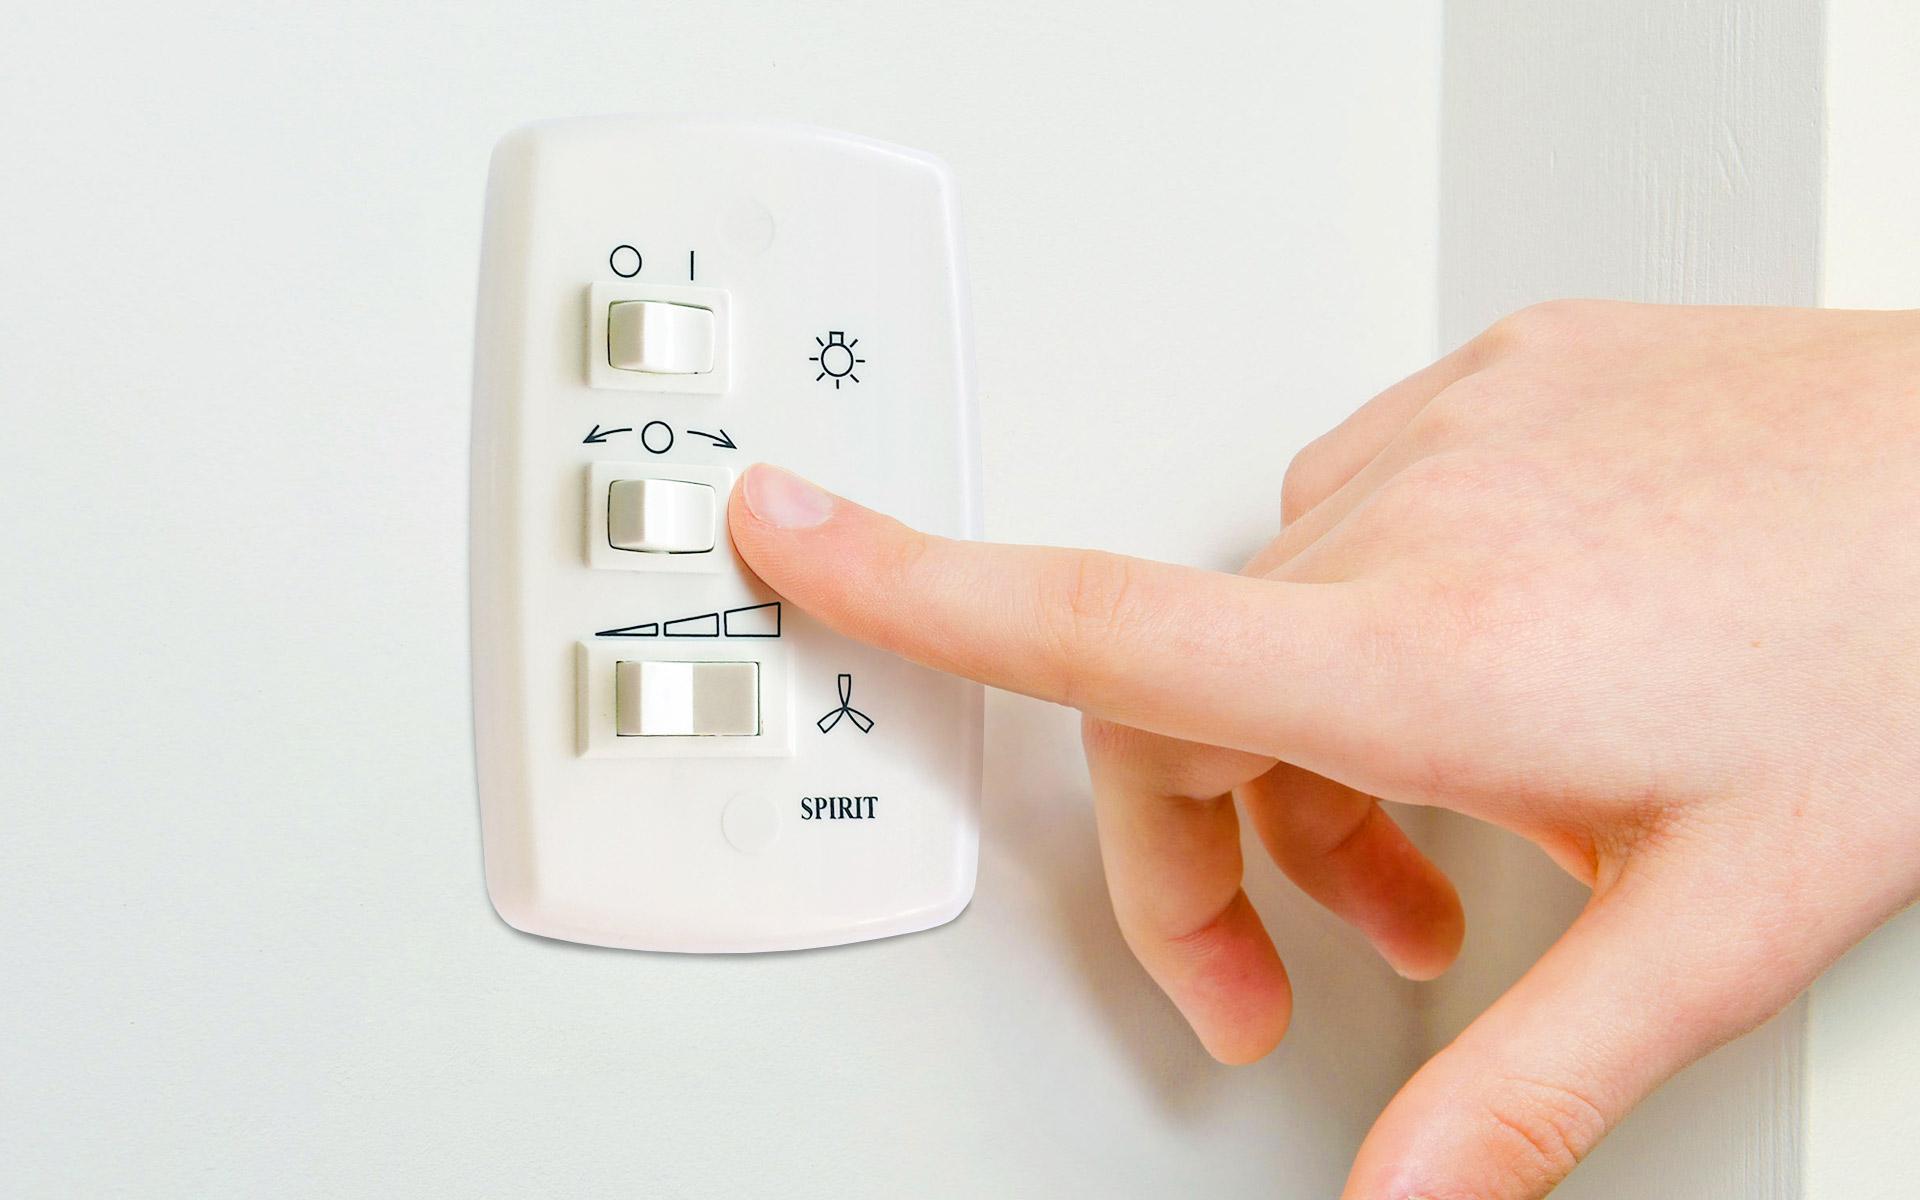 Como instalar interruptor de ventilador de teto